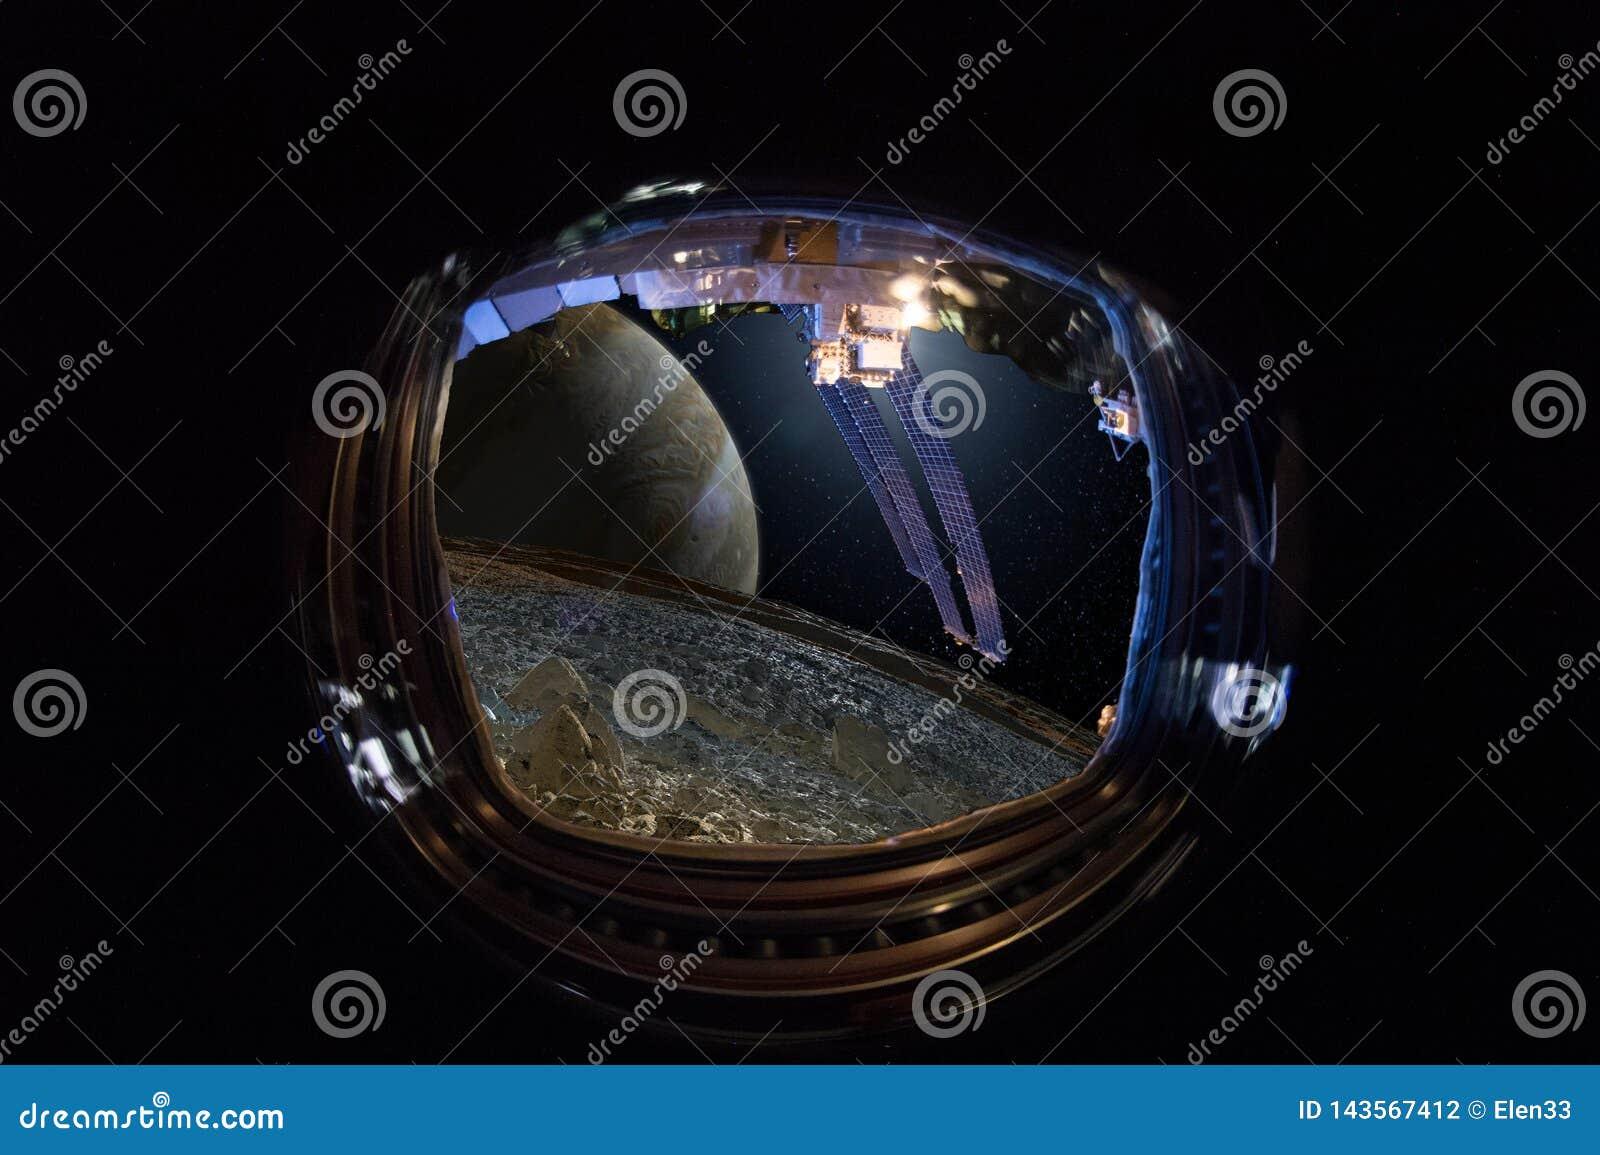 Widok od okno statek kosmiczny na obcych światach, Jupiter i swój księżyc Europa, Ð ¡ oncept ludzka eksploracja przestrzeni kosmi